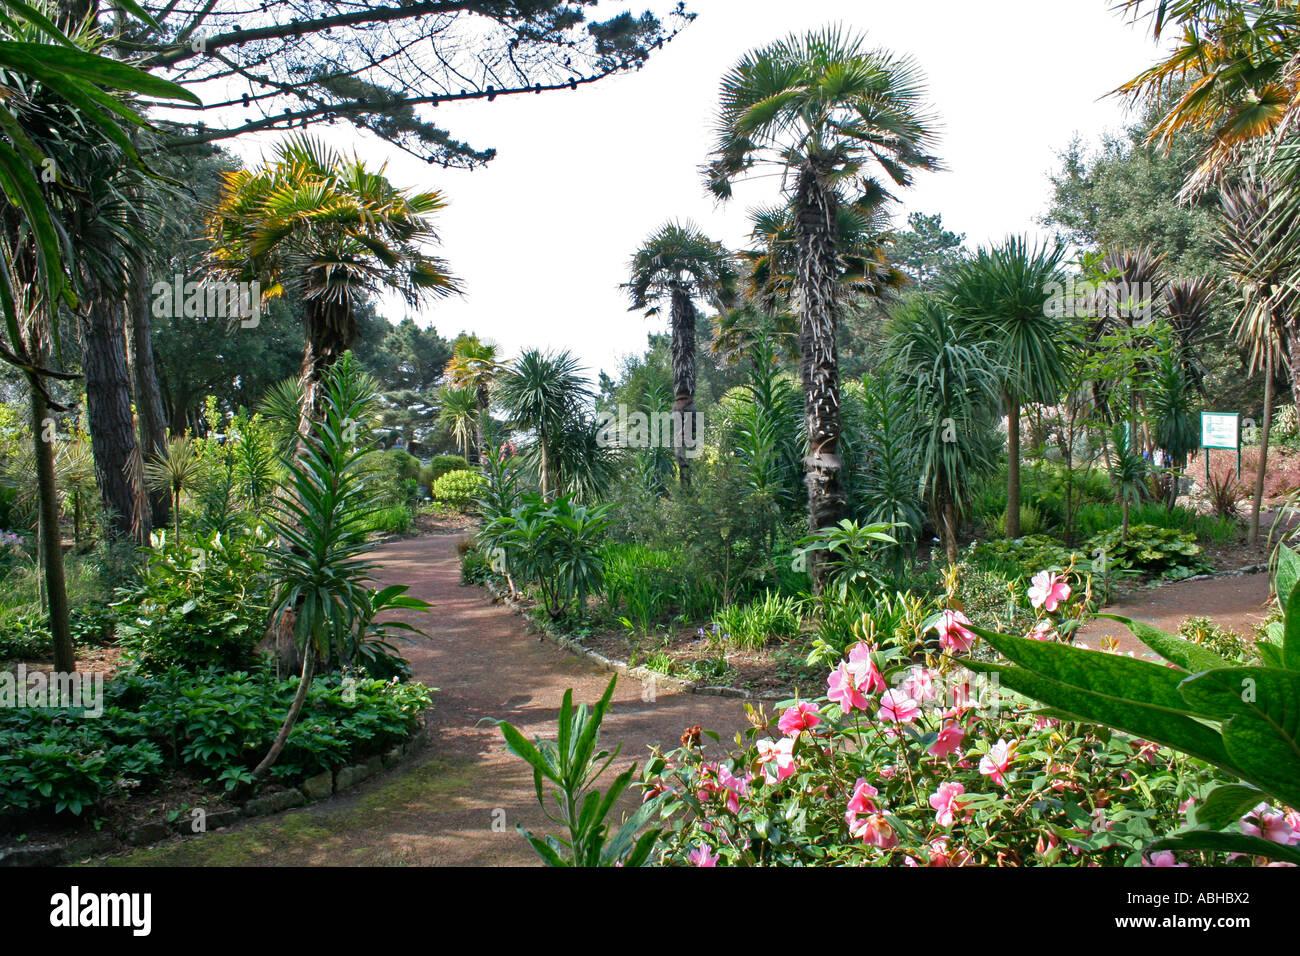 bournemouth tropical gardens stock photos u0026 bournemouth tropical